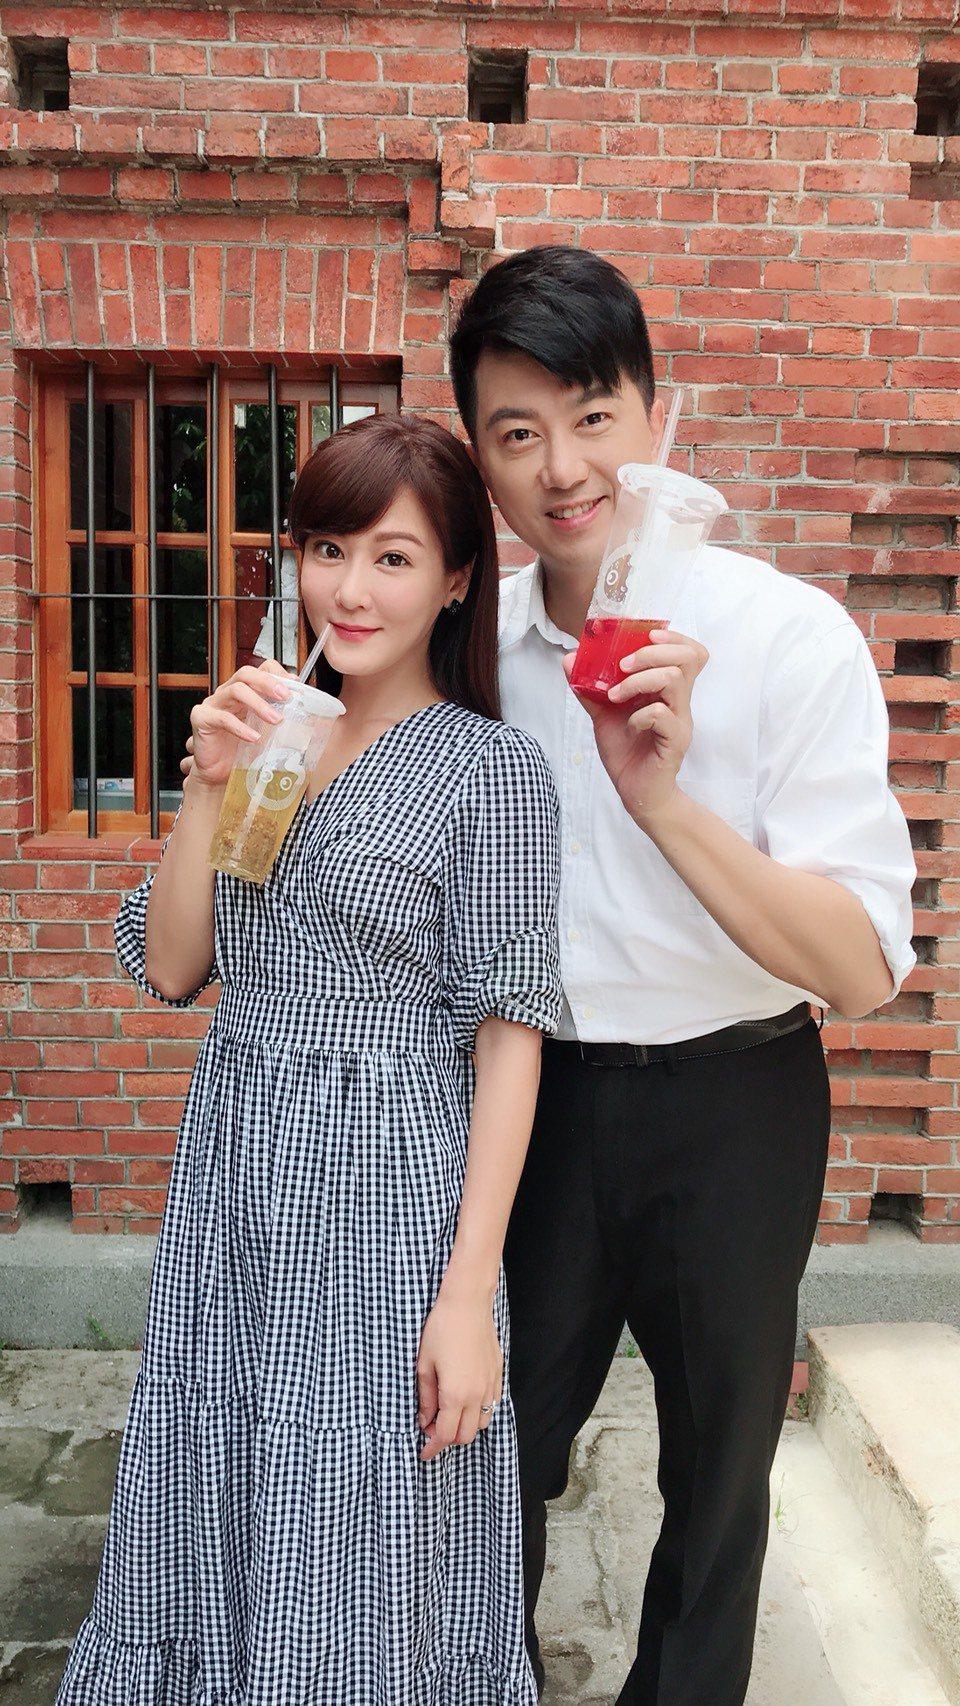 邱琦雯、吳皓昇戲中有段苦戀。圖/民視提供